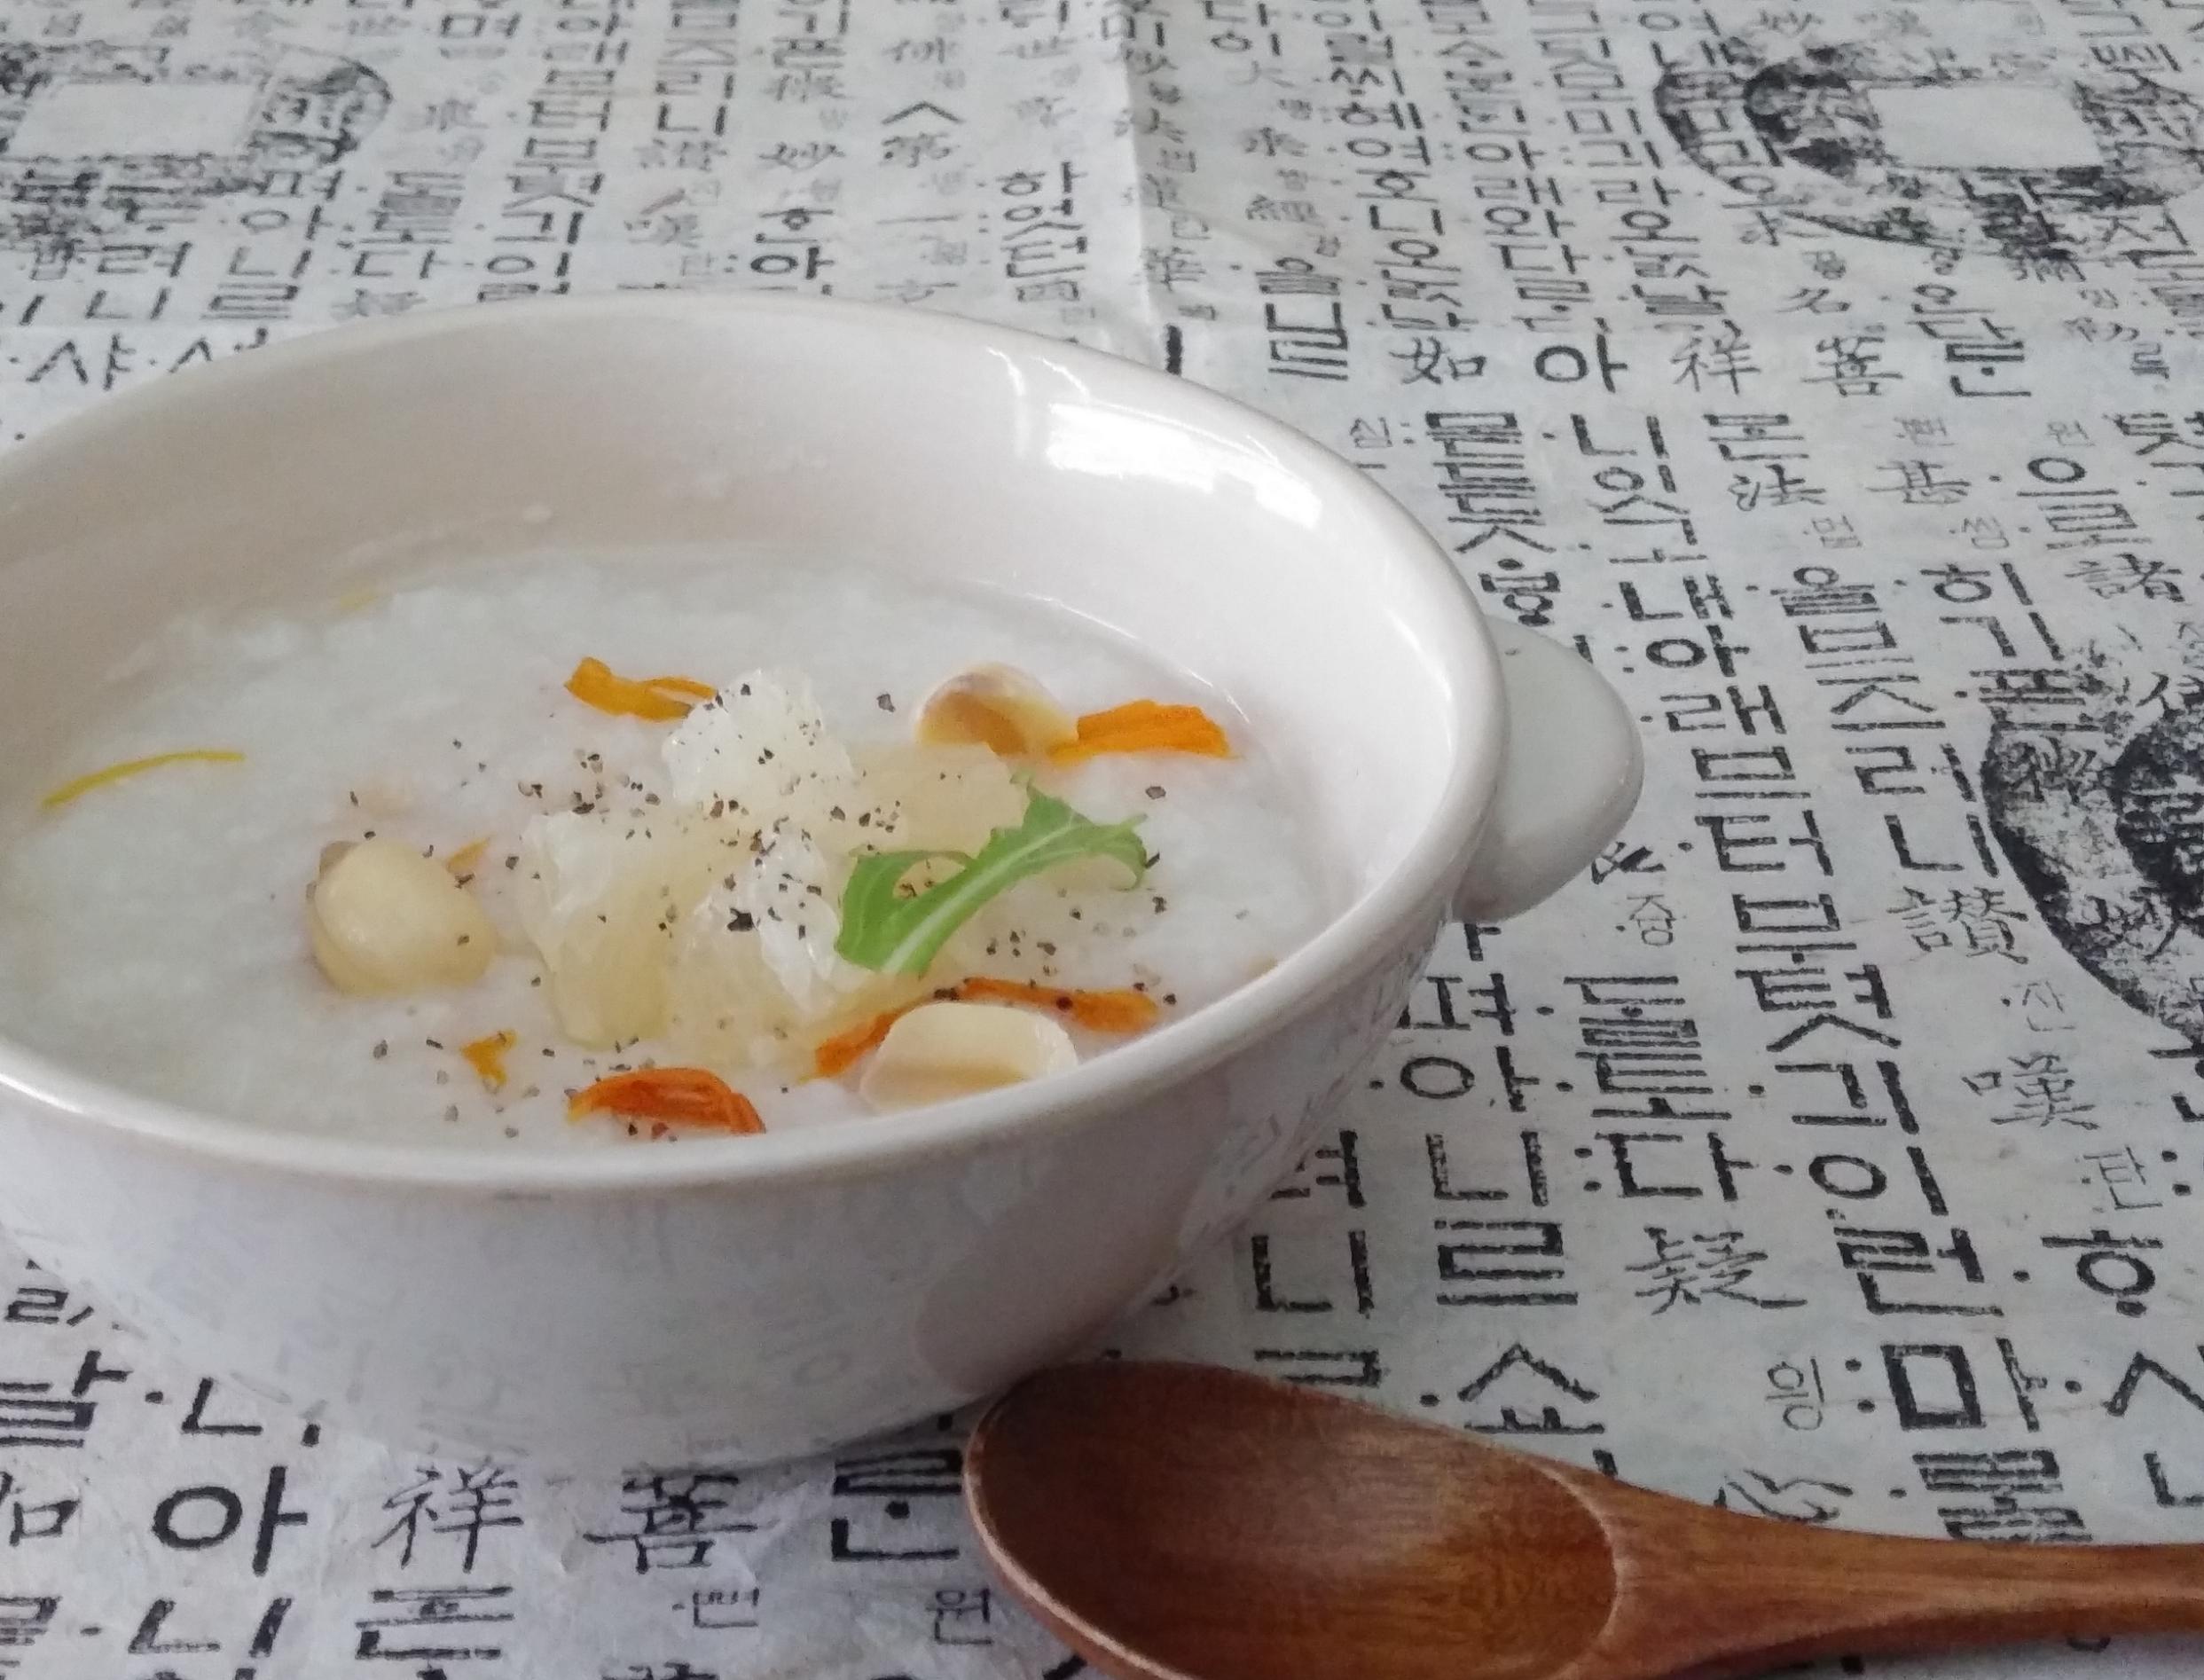 蓮の実のお粥 グレープフルーツのお粥